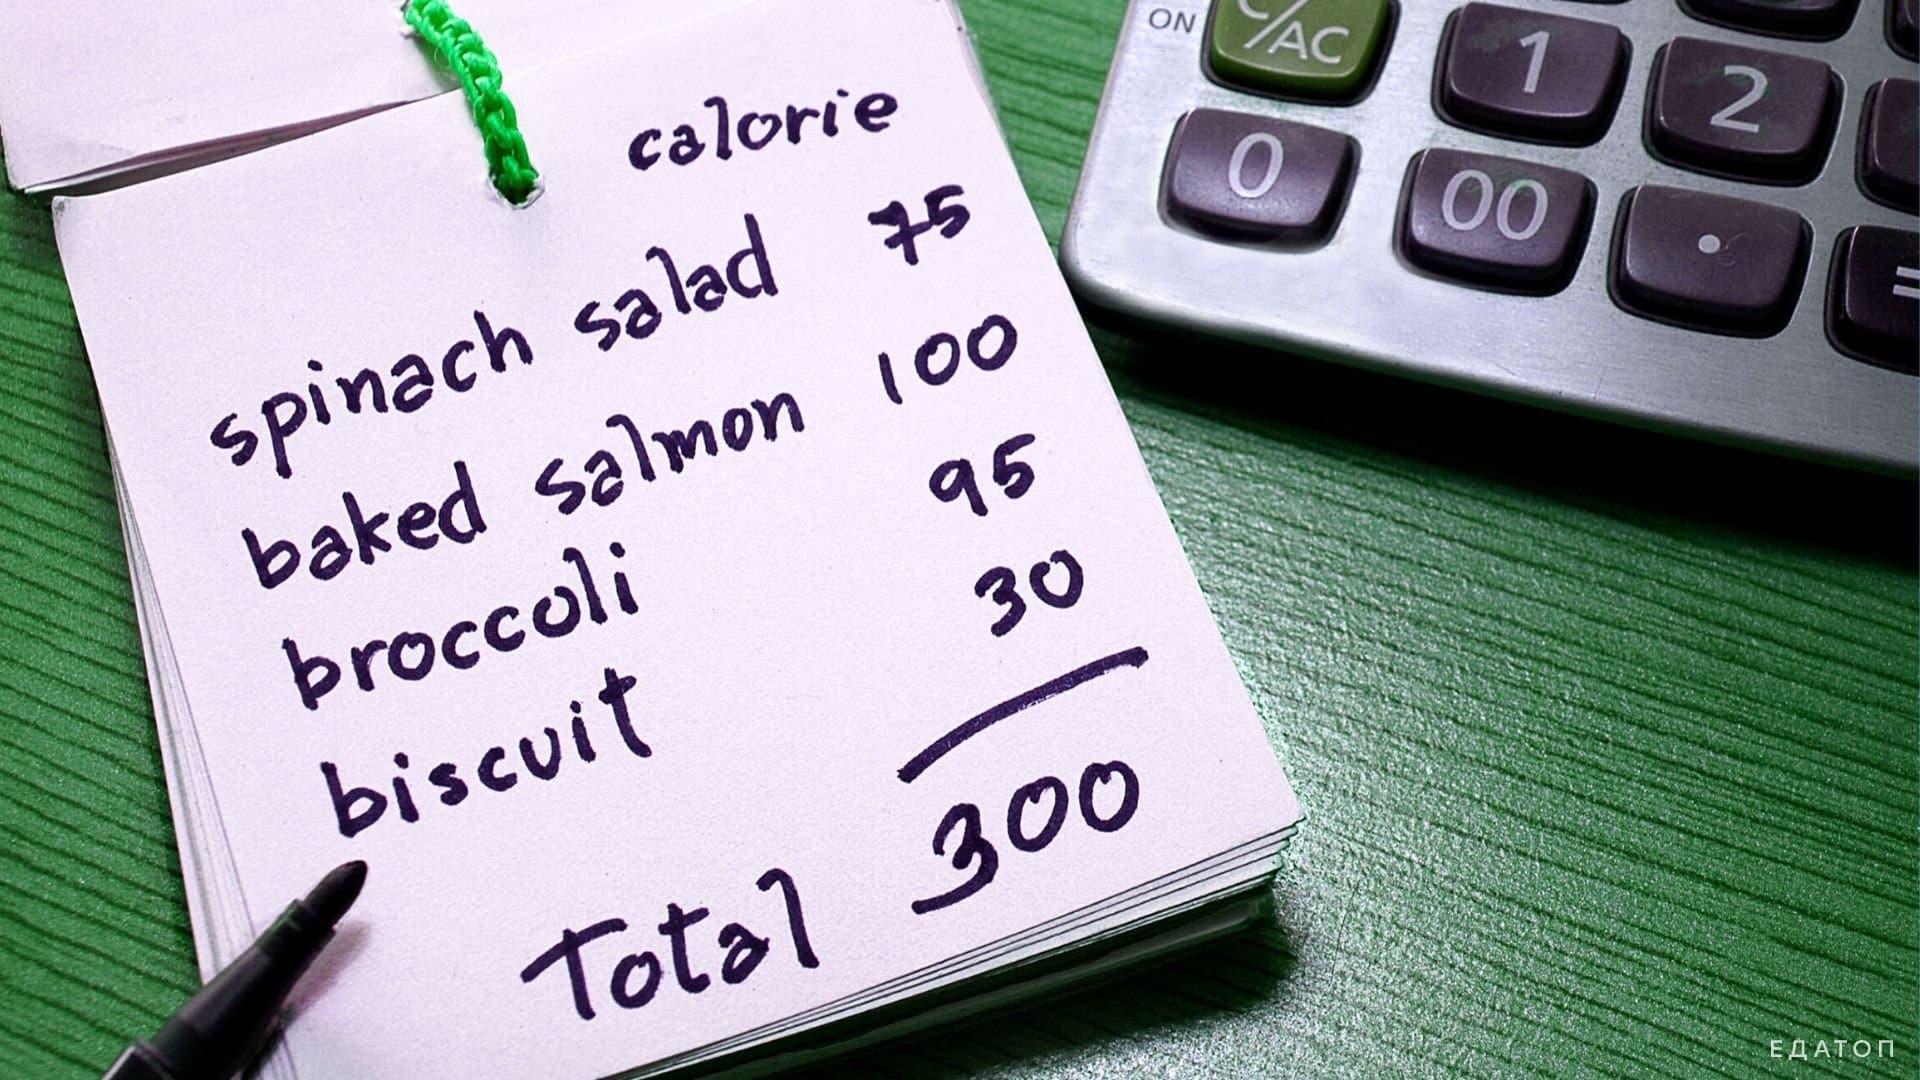 Подсчет калорий съеденных продуктов.